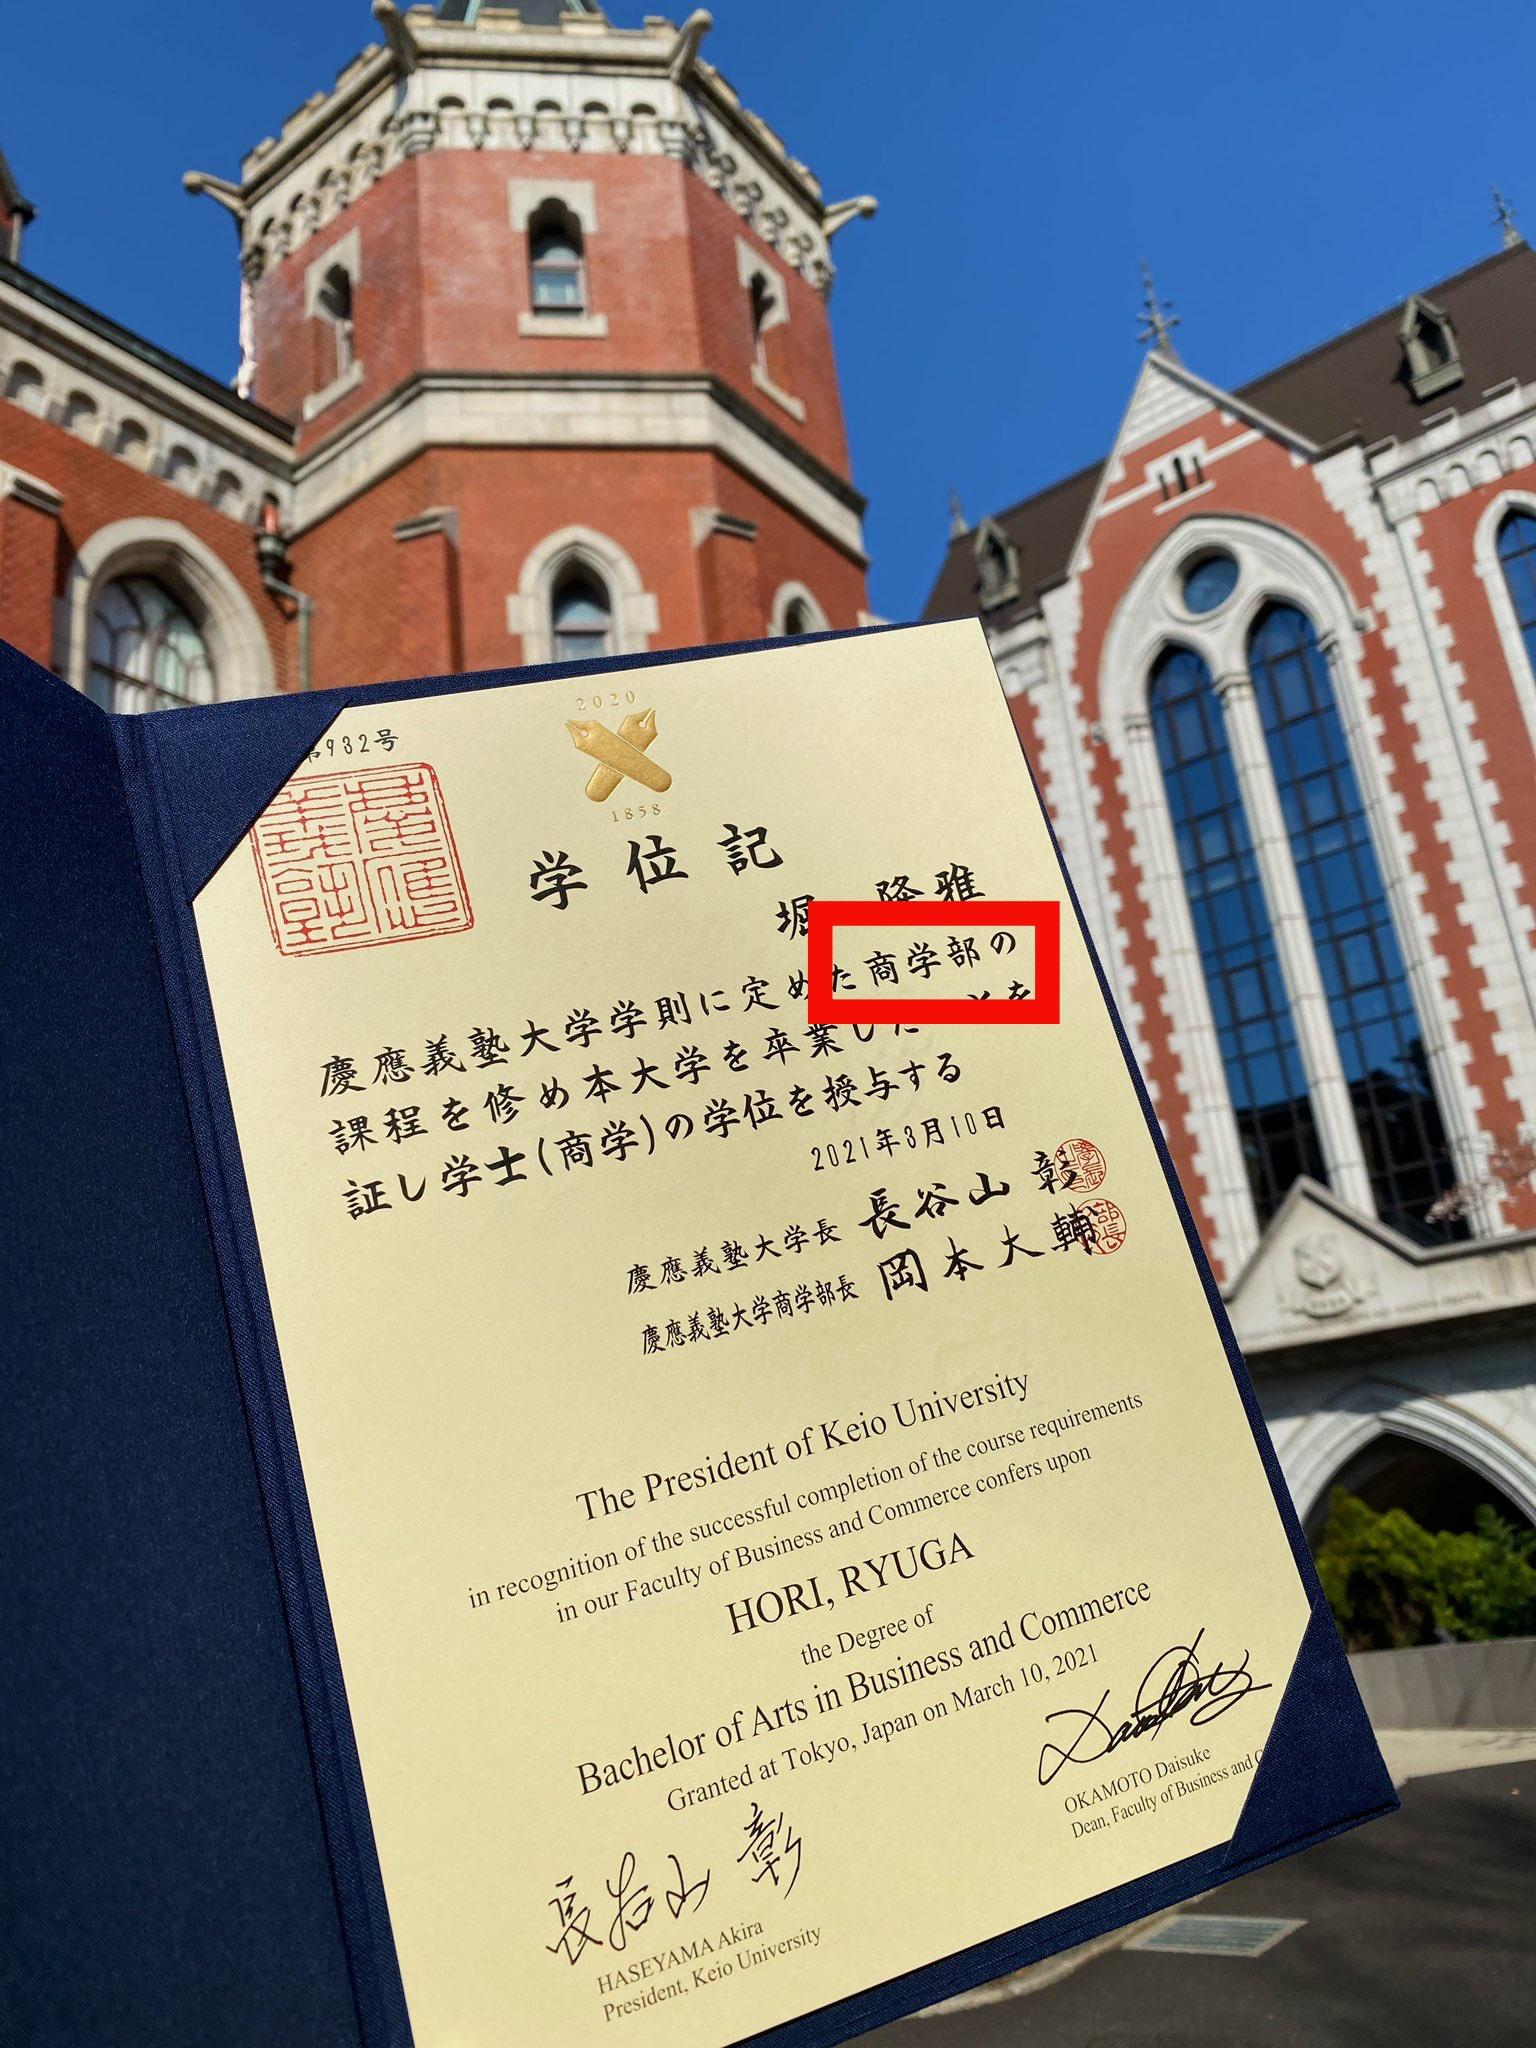 「まるりとりゅうが」りゅうがの大学は慶応!気になる学部や高校は?